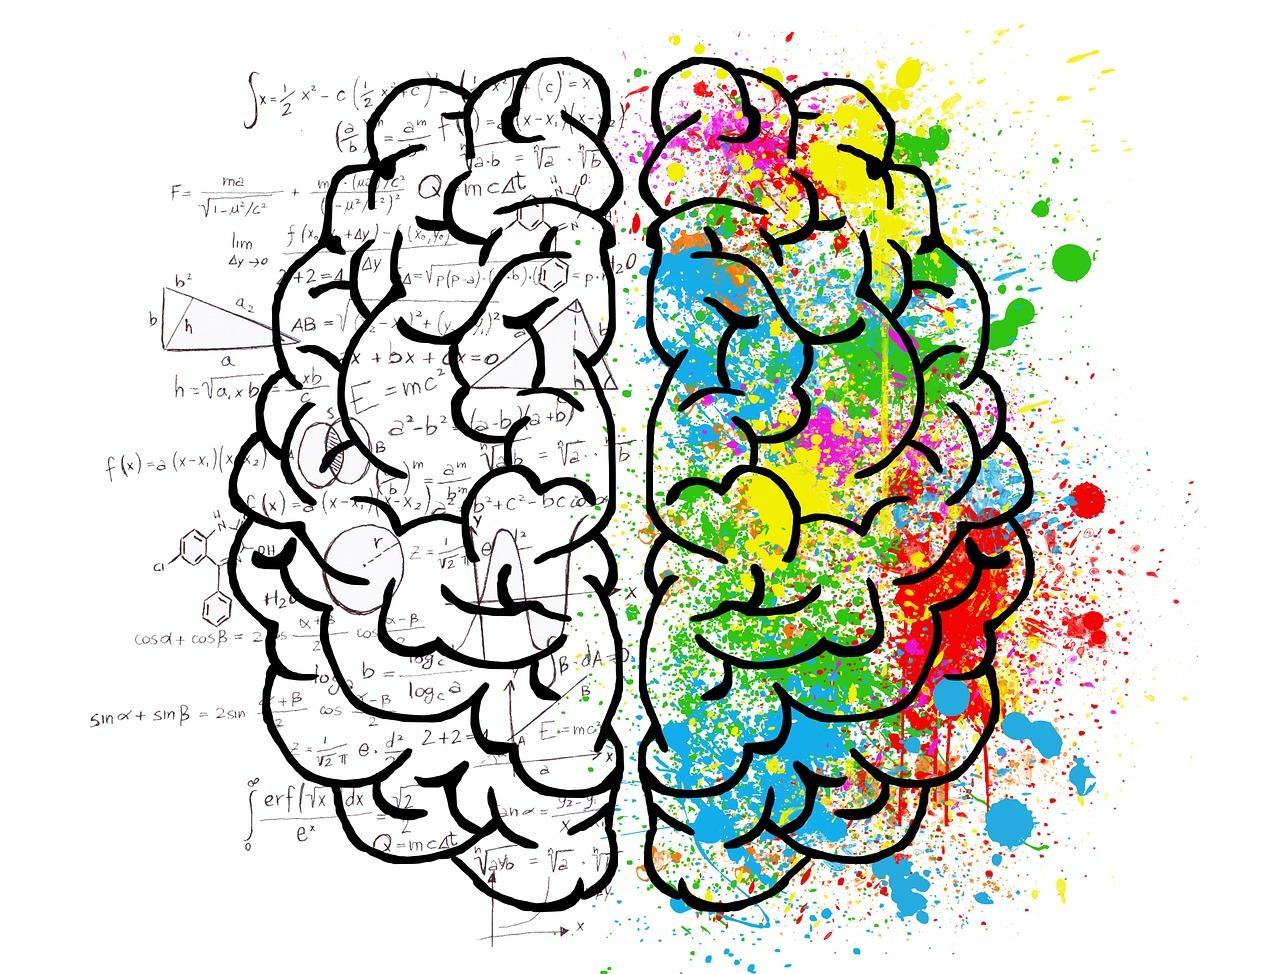 Inteligência emocional: aprenda a lidar com as pessoas